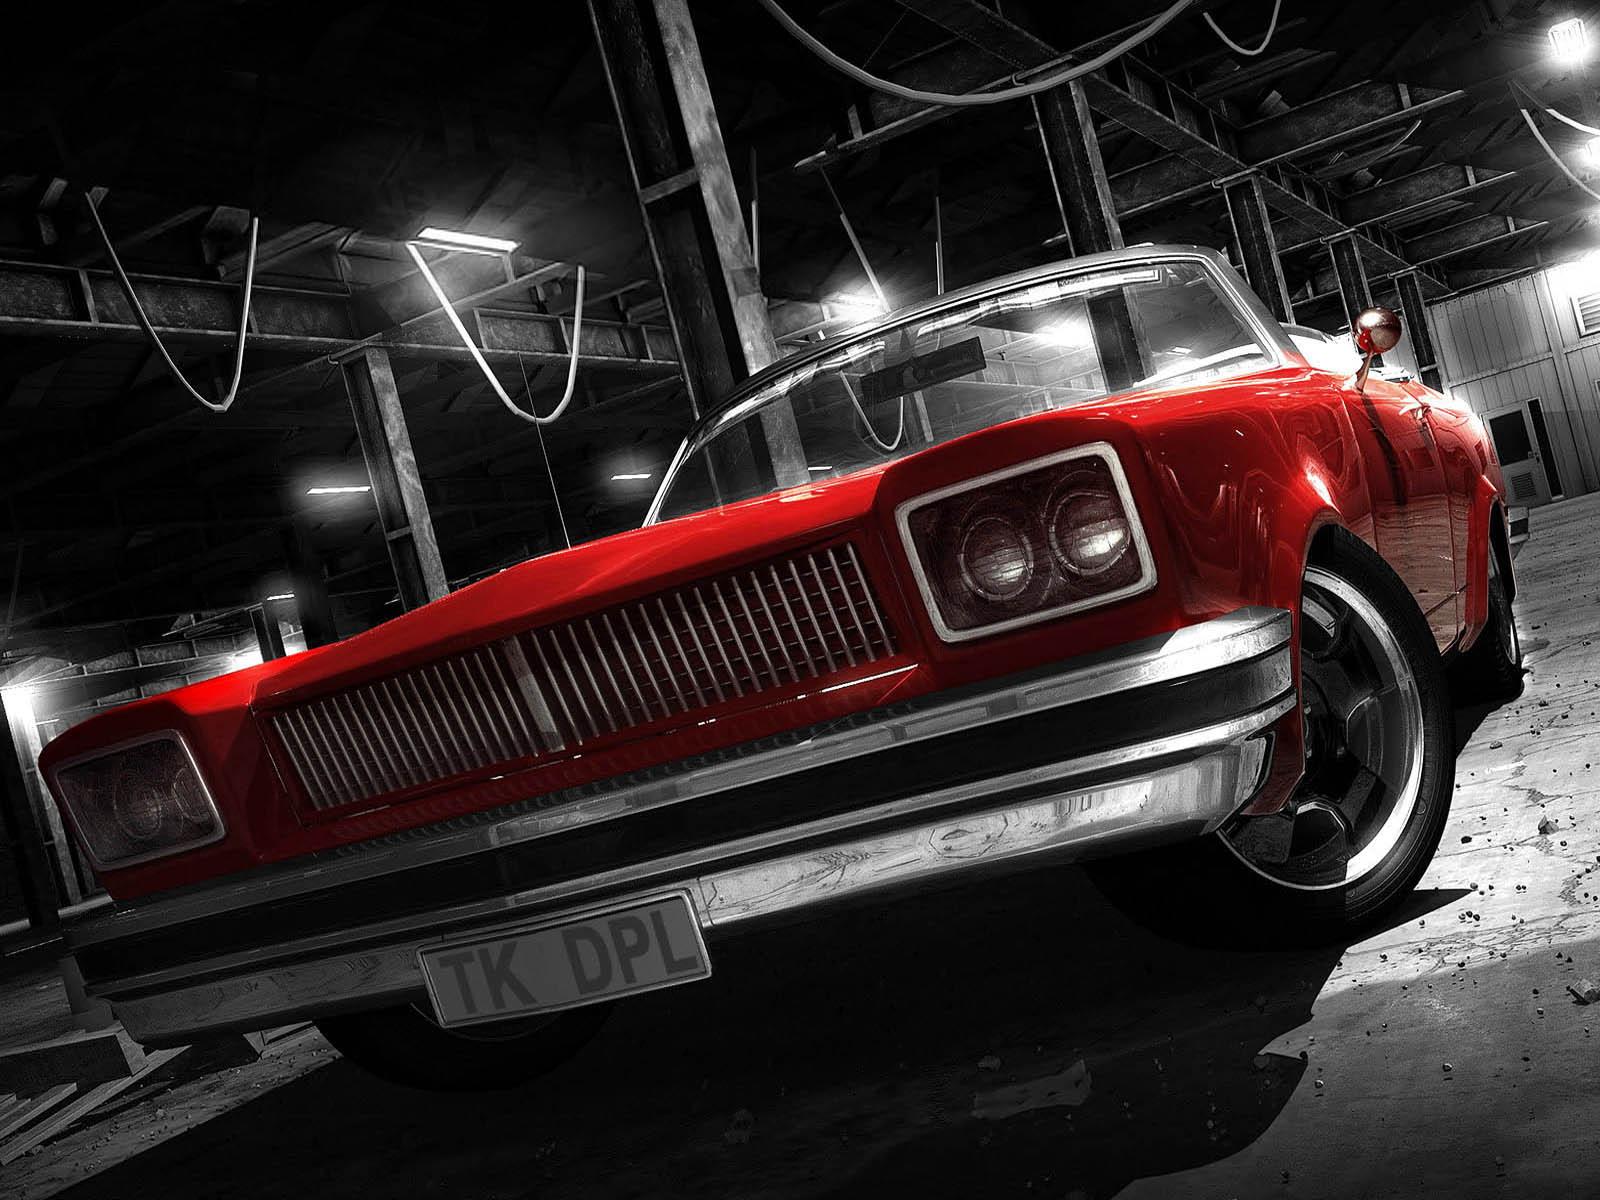 http://4.bp.blogspot.com/-uzCL4WO5sq0/TkNHJ3CBCtI/AAAAAAAABzk/WUbsiMnJI5k/s1600/cars_0054.jpg